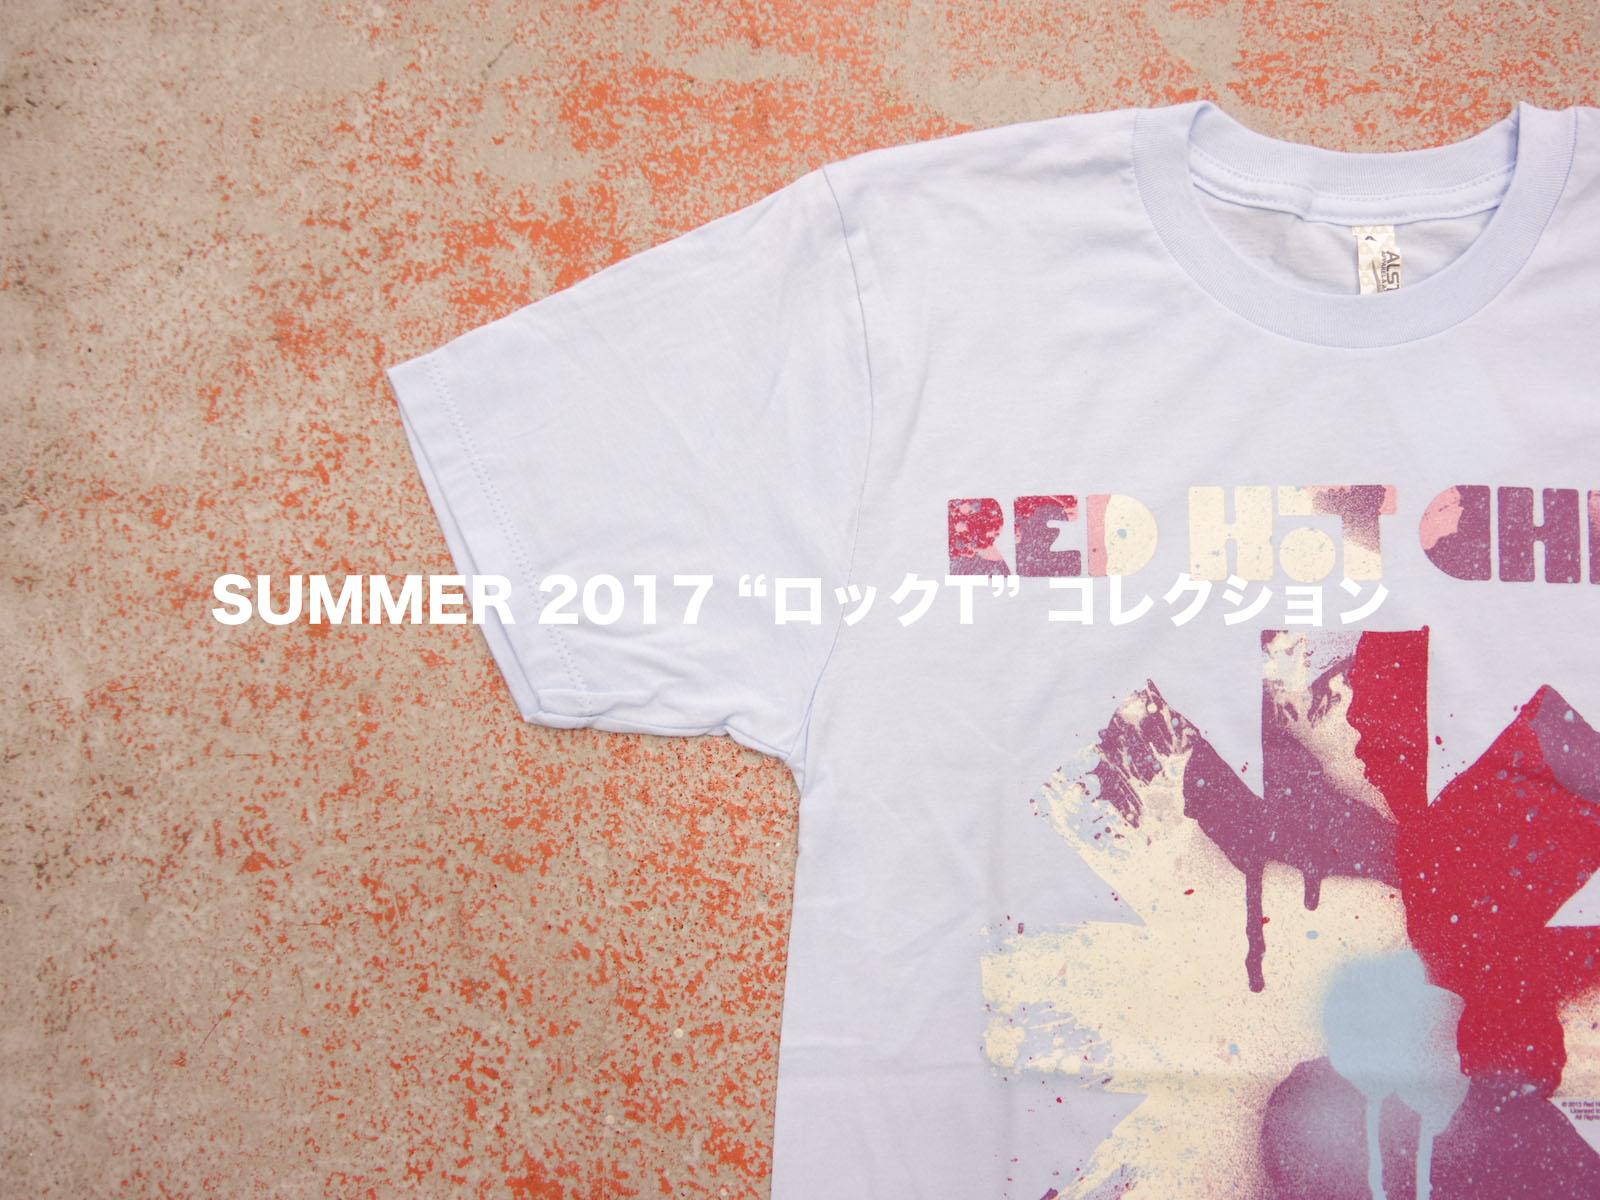 SUMMER 2017 ロックT コレクション